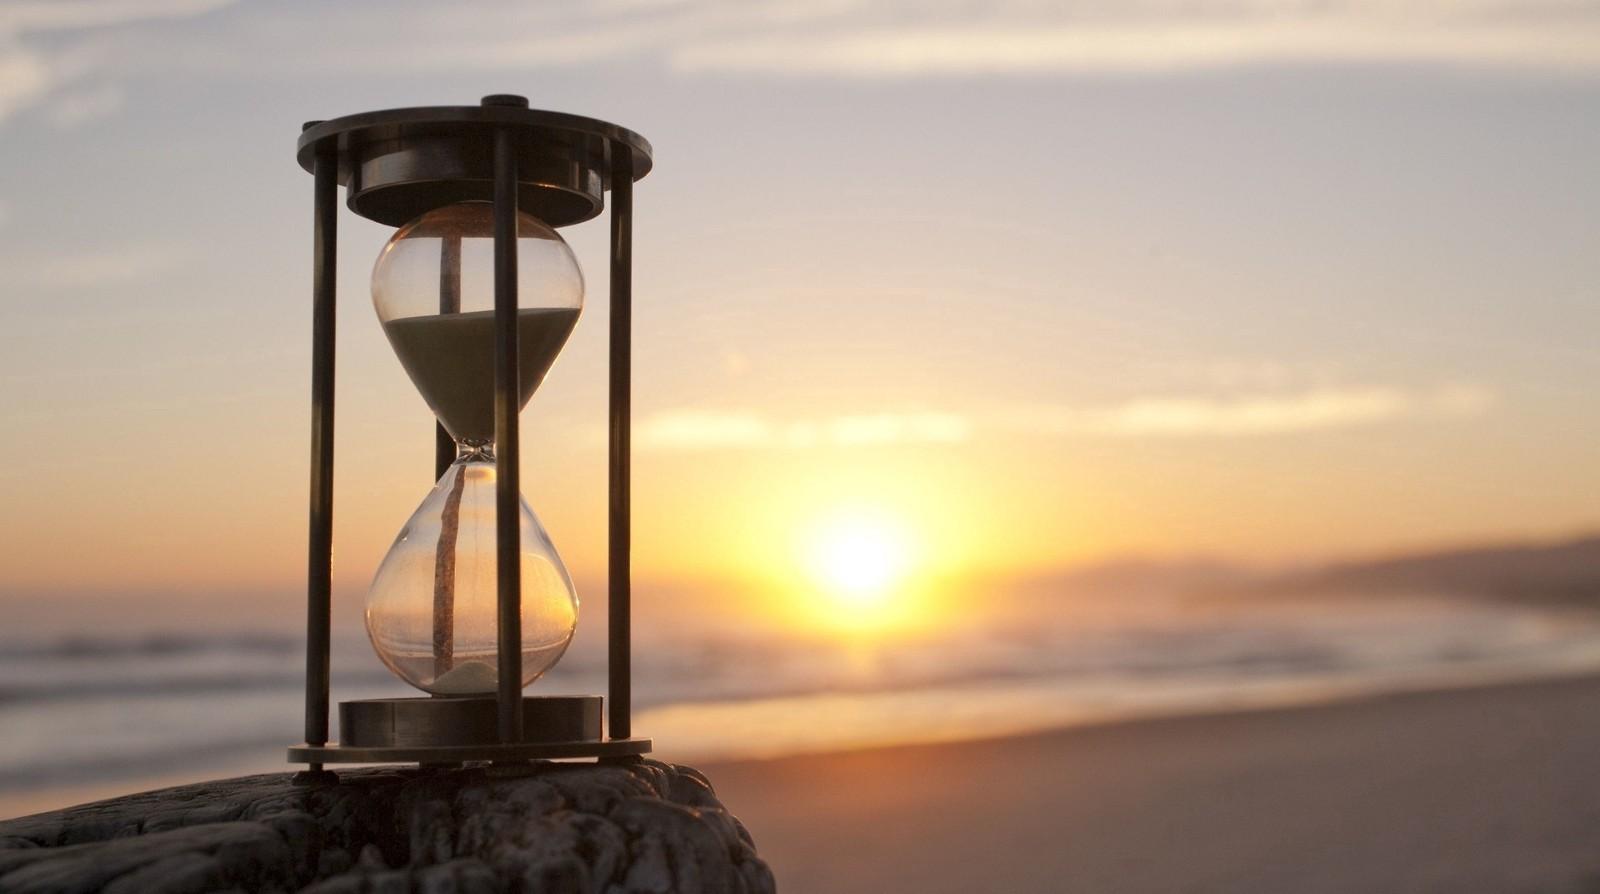 đồng hồ treo tường cổ